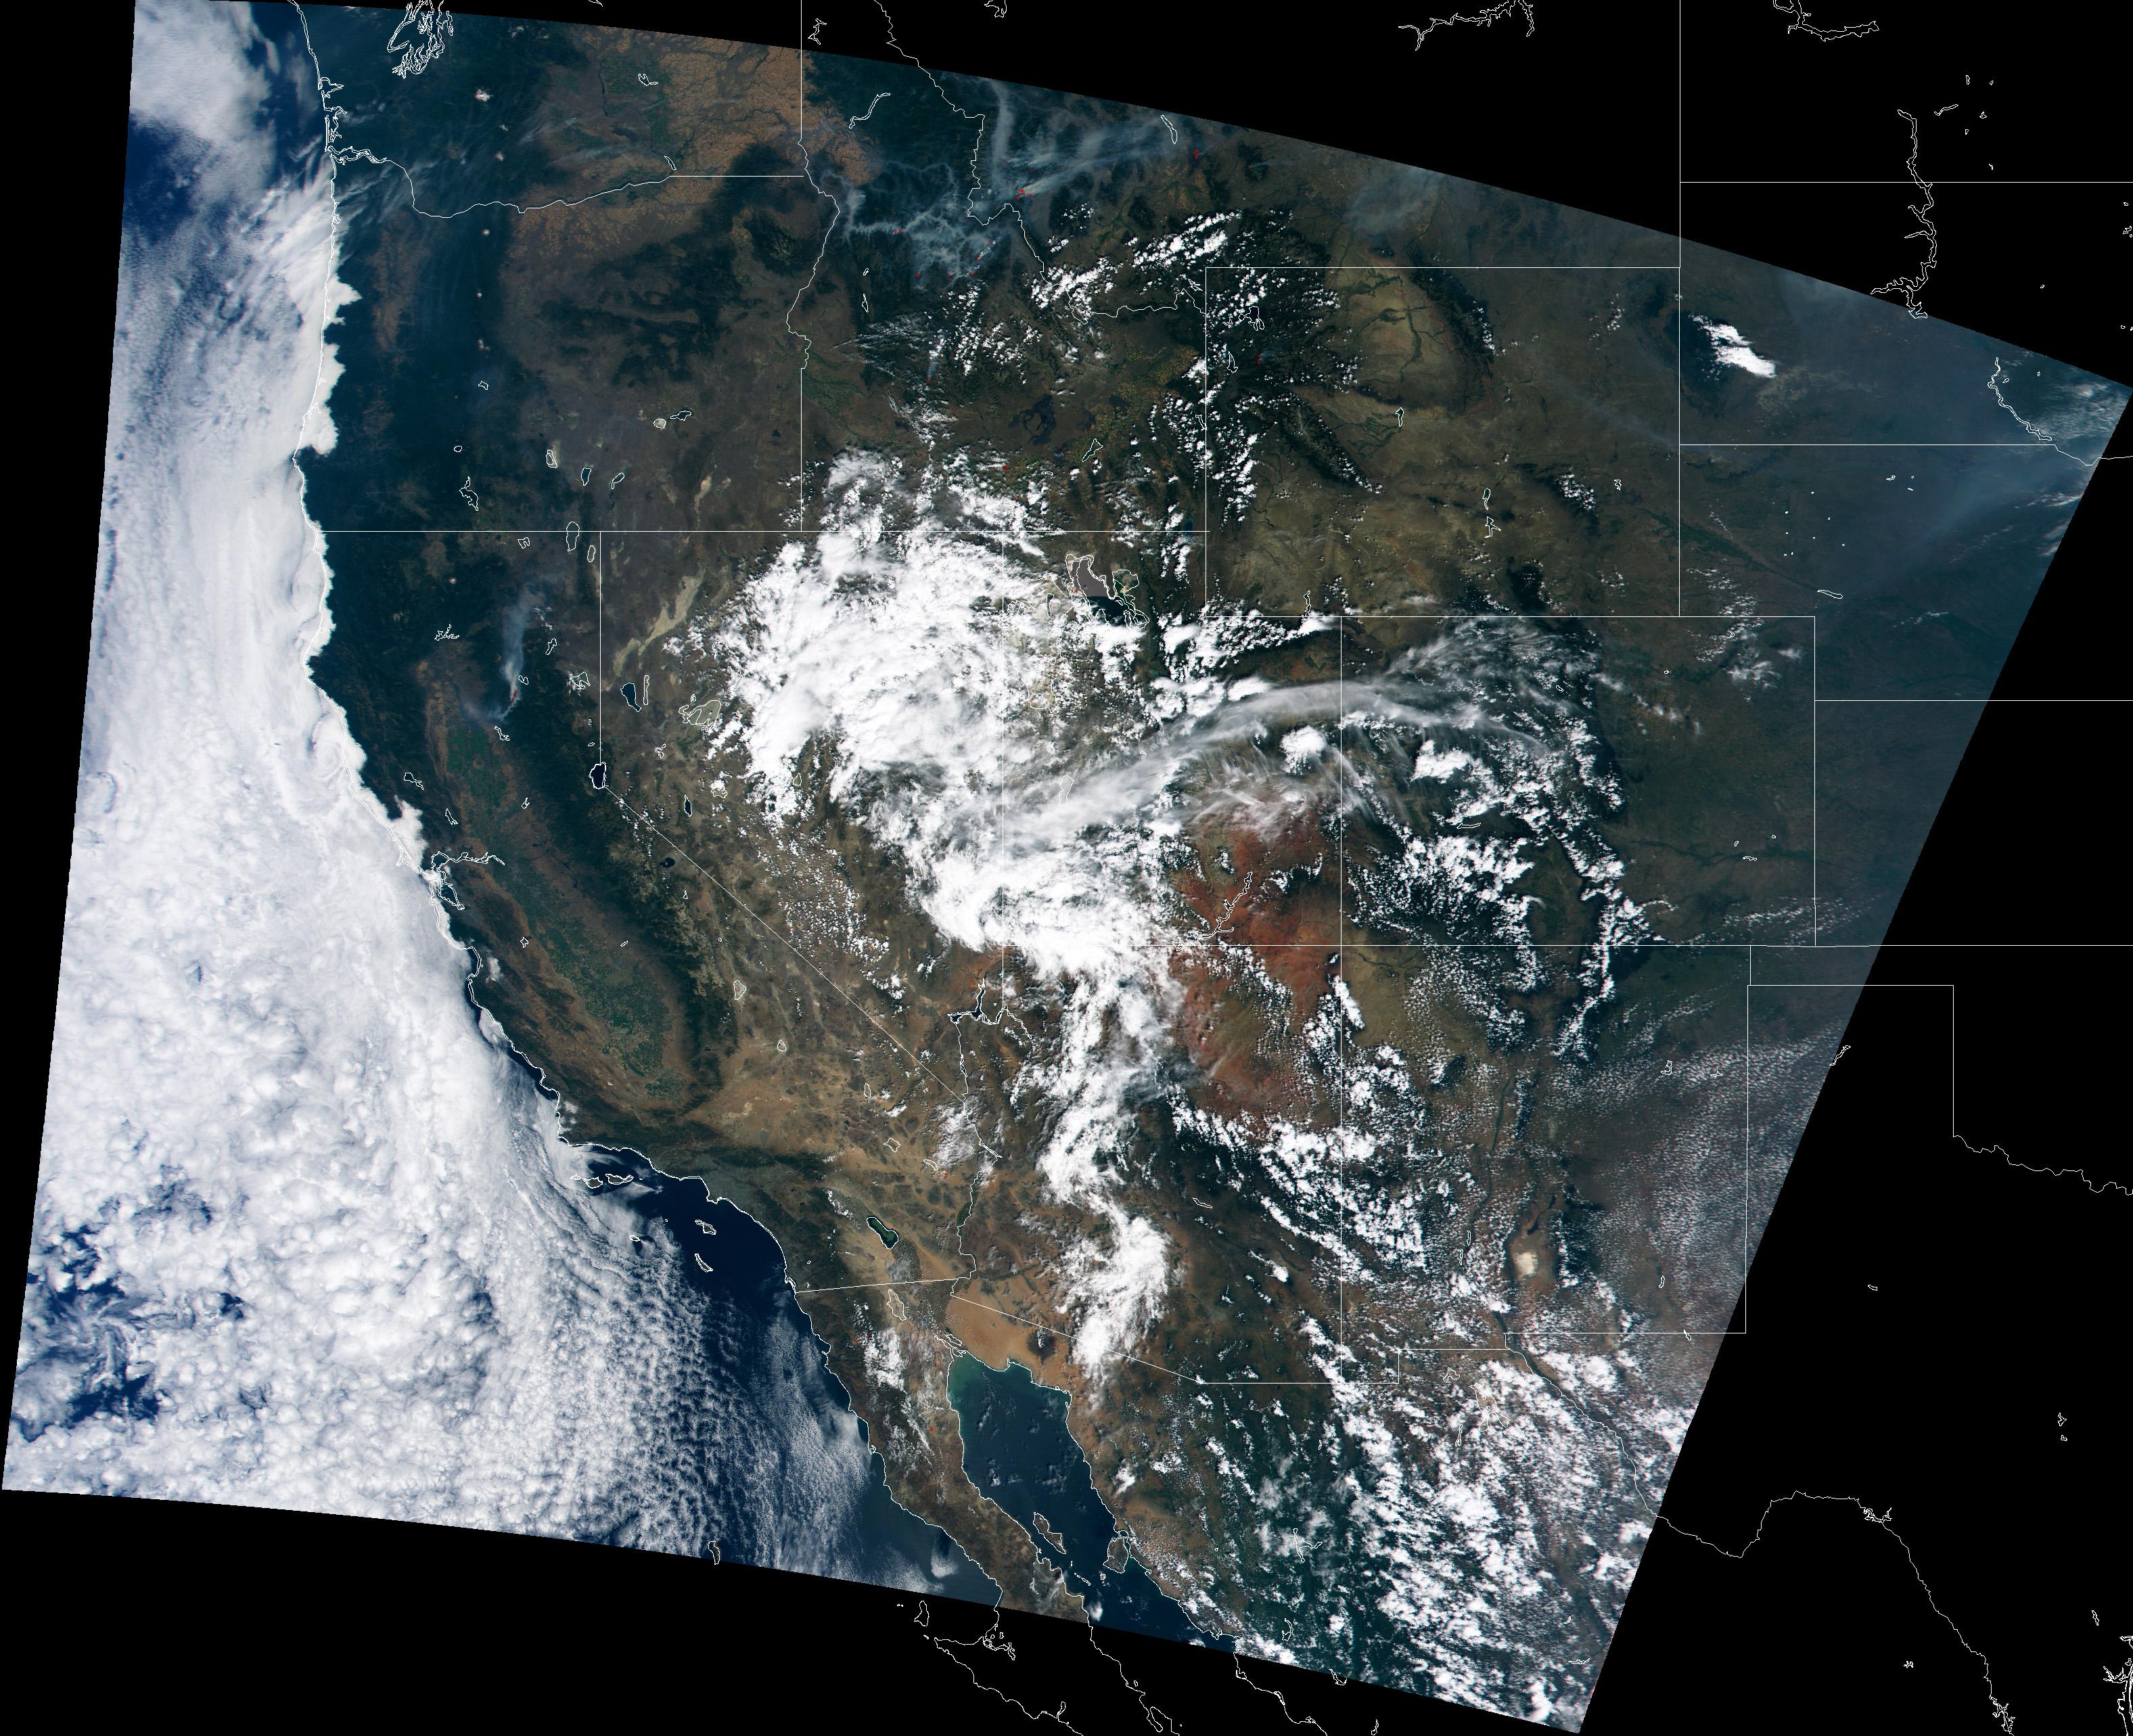 Incendio forestal encima de Montana y Idaho